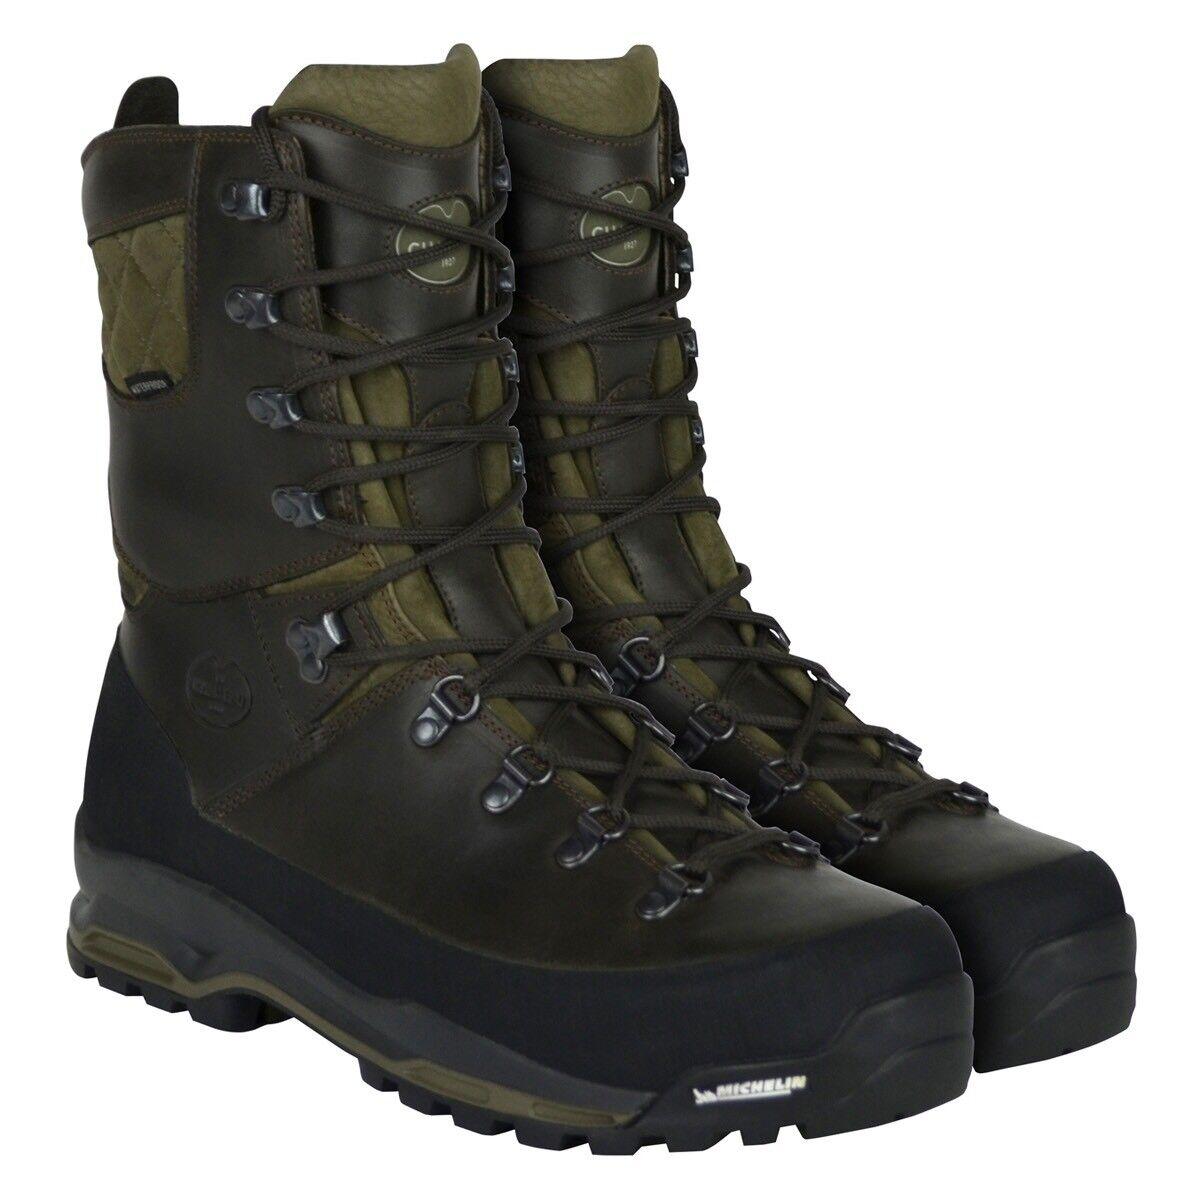 Le Chameau Lite 10  Condor LCX Caminar botas botas de disparo